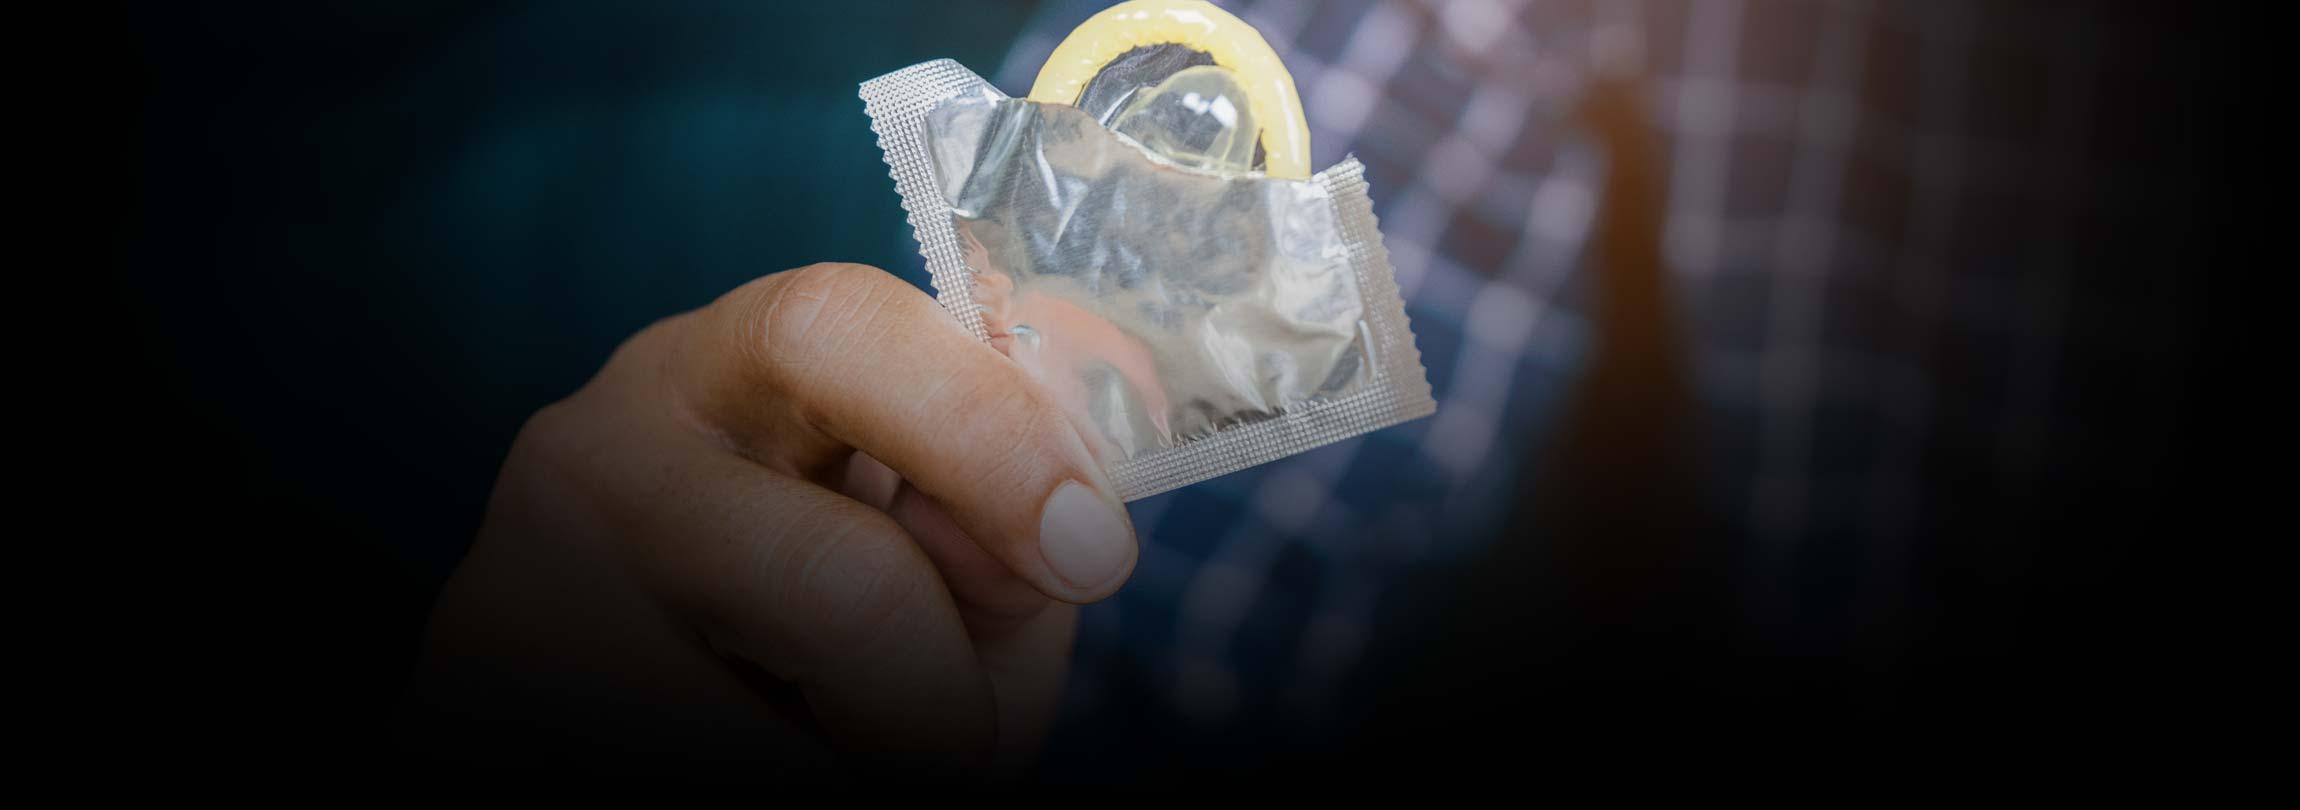 Por que a Igreja Católica é contra os métodos anticoncepcionais?